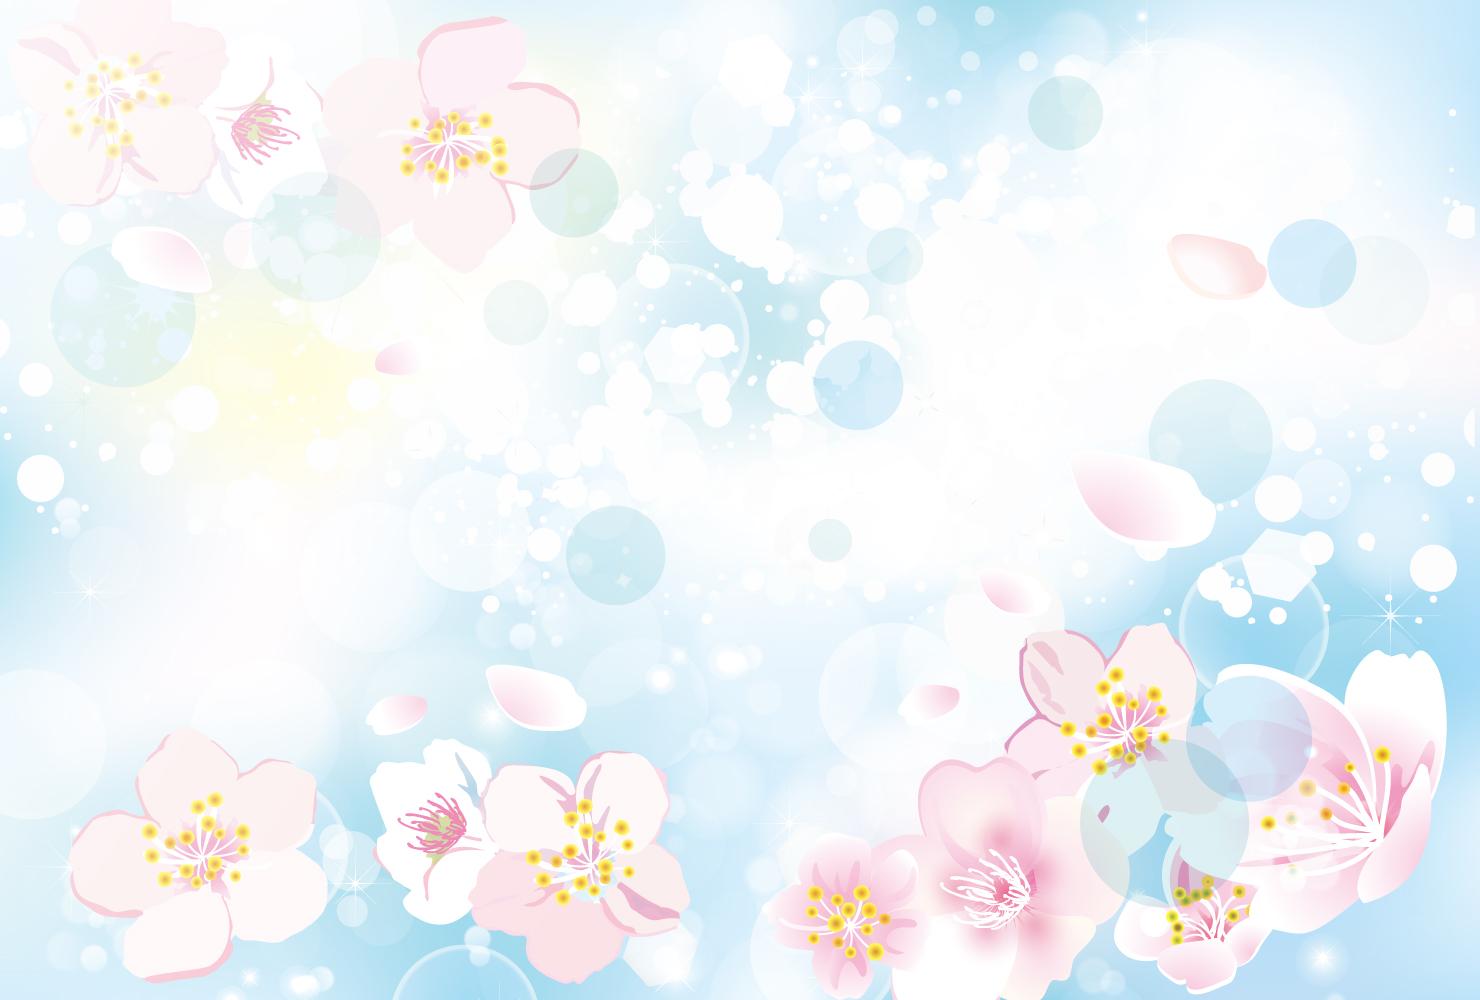 桜の背景イラスト ブルー